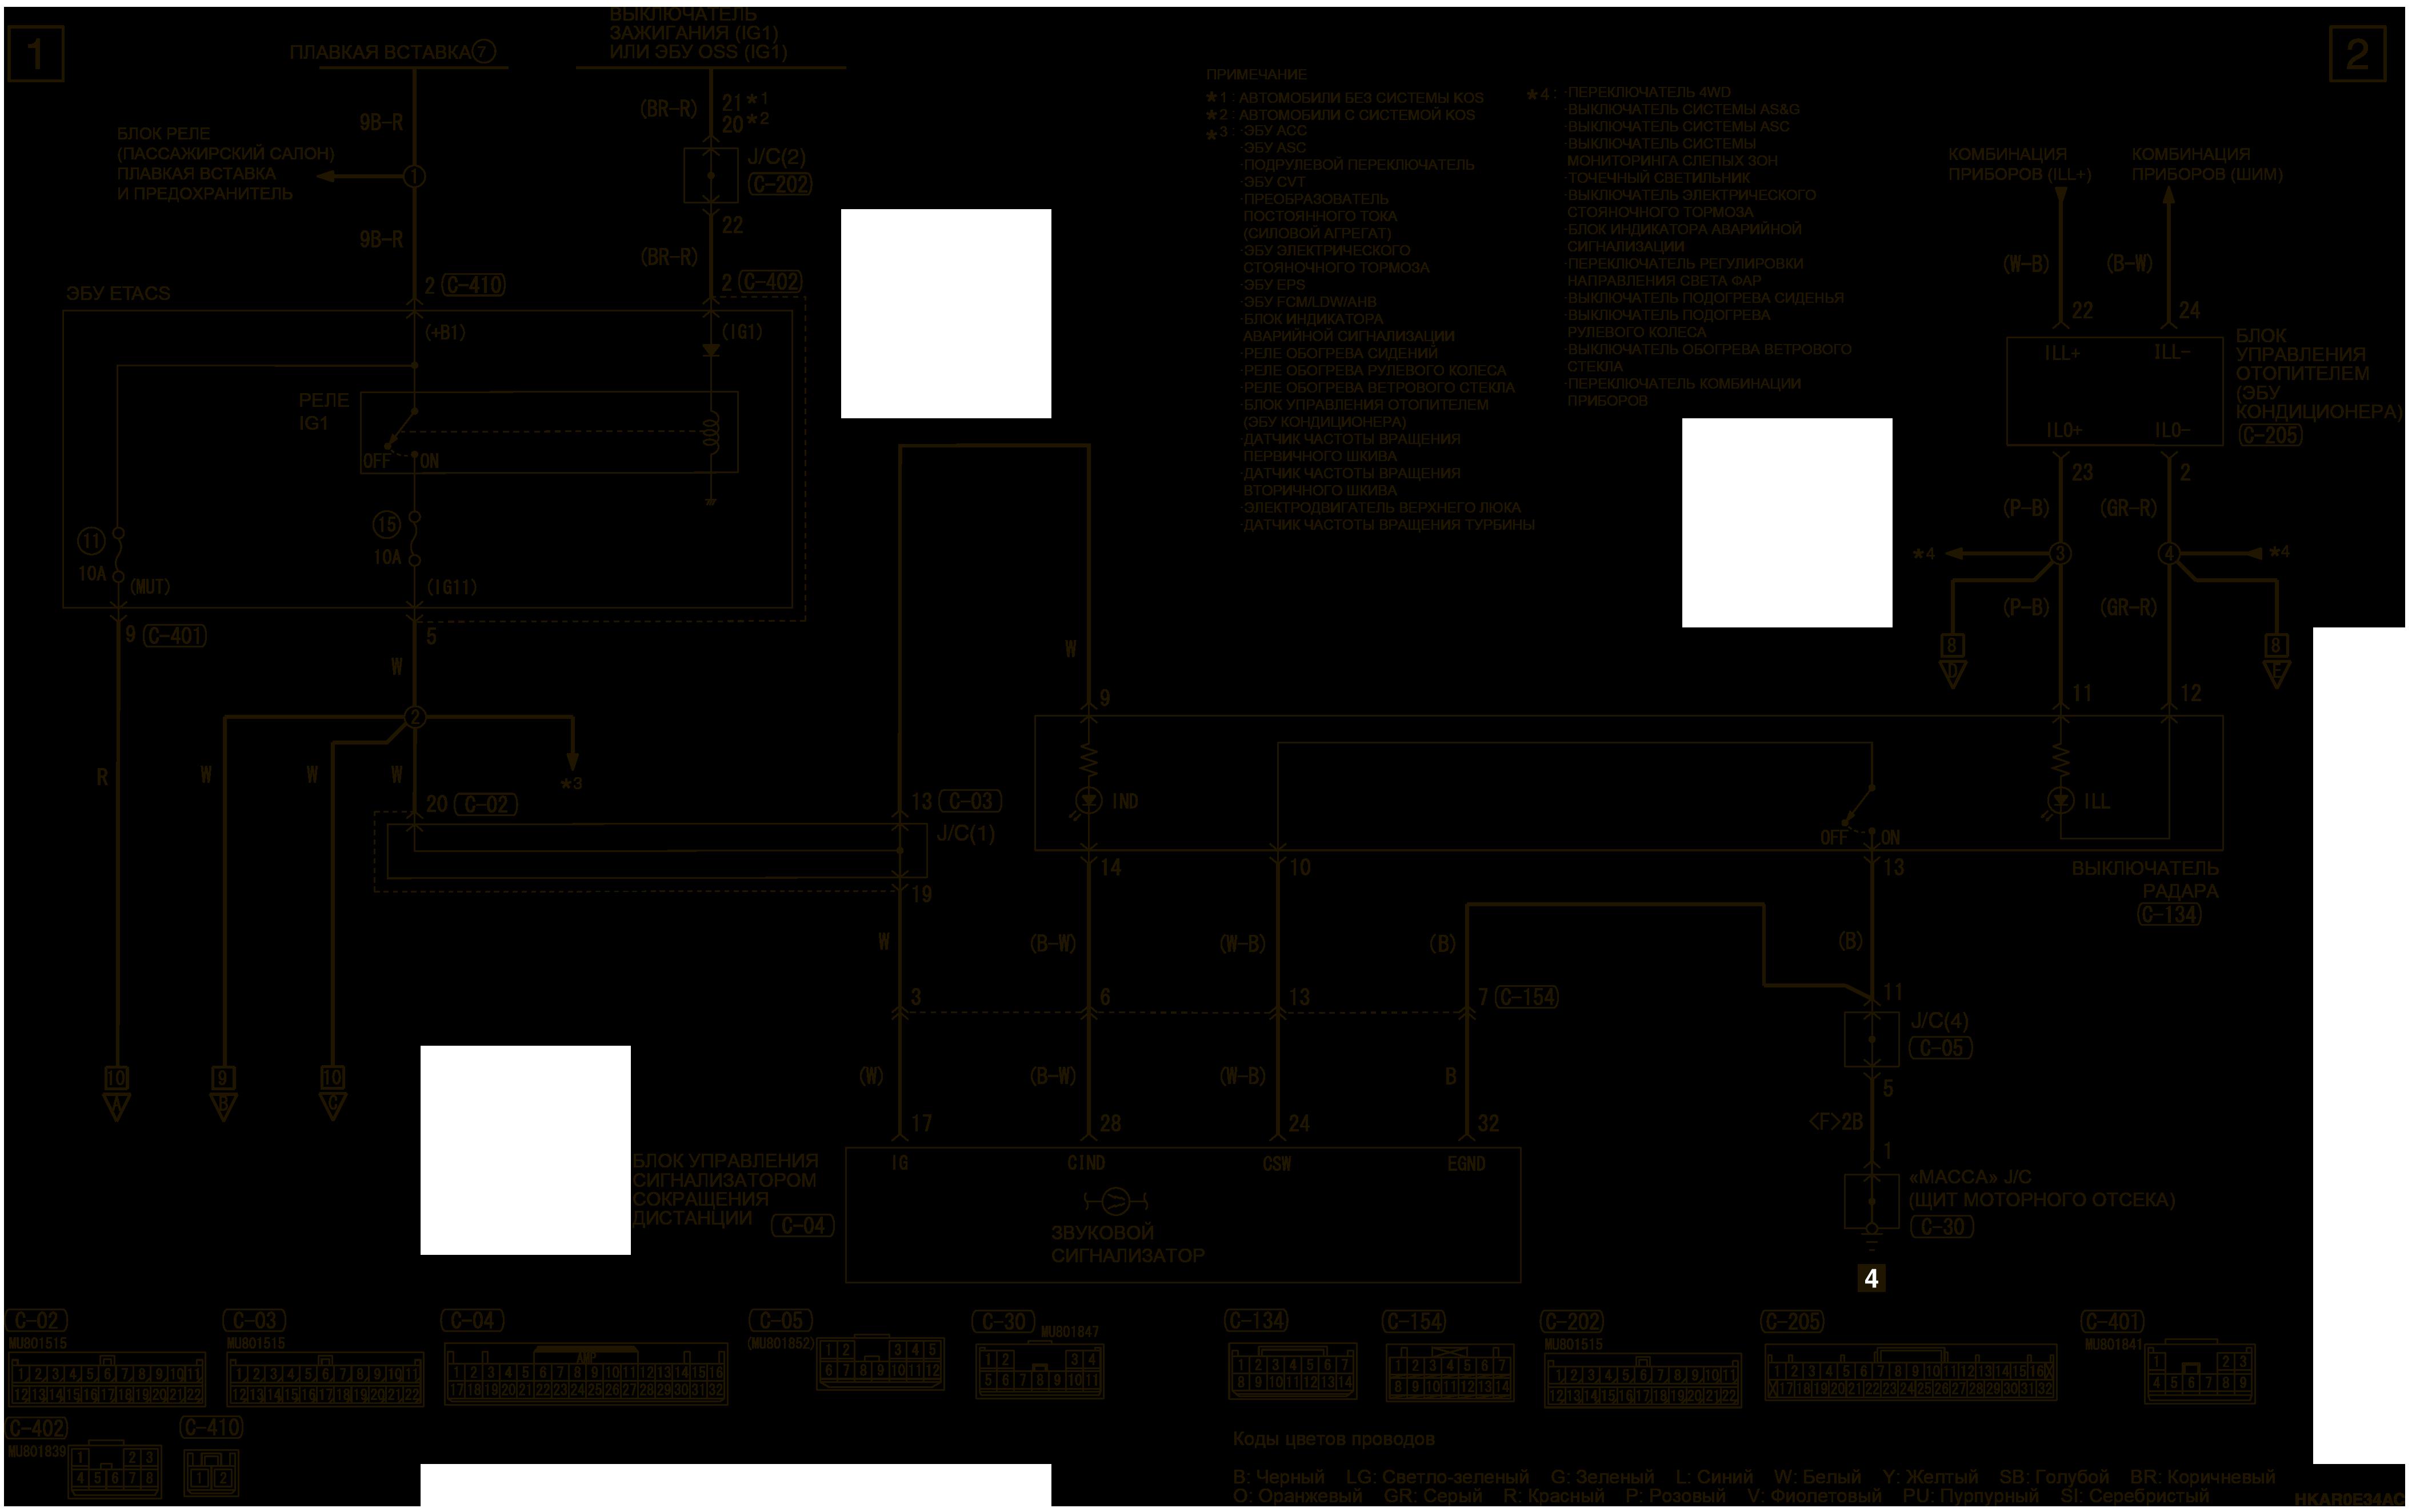 mmc аутлендер 3 2019 электросхемаСИСТЕМА ПРЕДОТВРАЩЕНИЯ СТОЛКНОВЕНИЯ НА ПАРКОВКЕ И УГЛОВЫЕ ДАТЧИКИ ПРАВОСТОРОННЕЕ УПРАВЛЕНИЕ